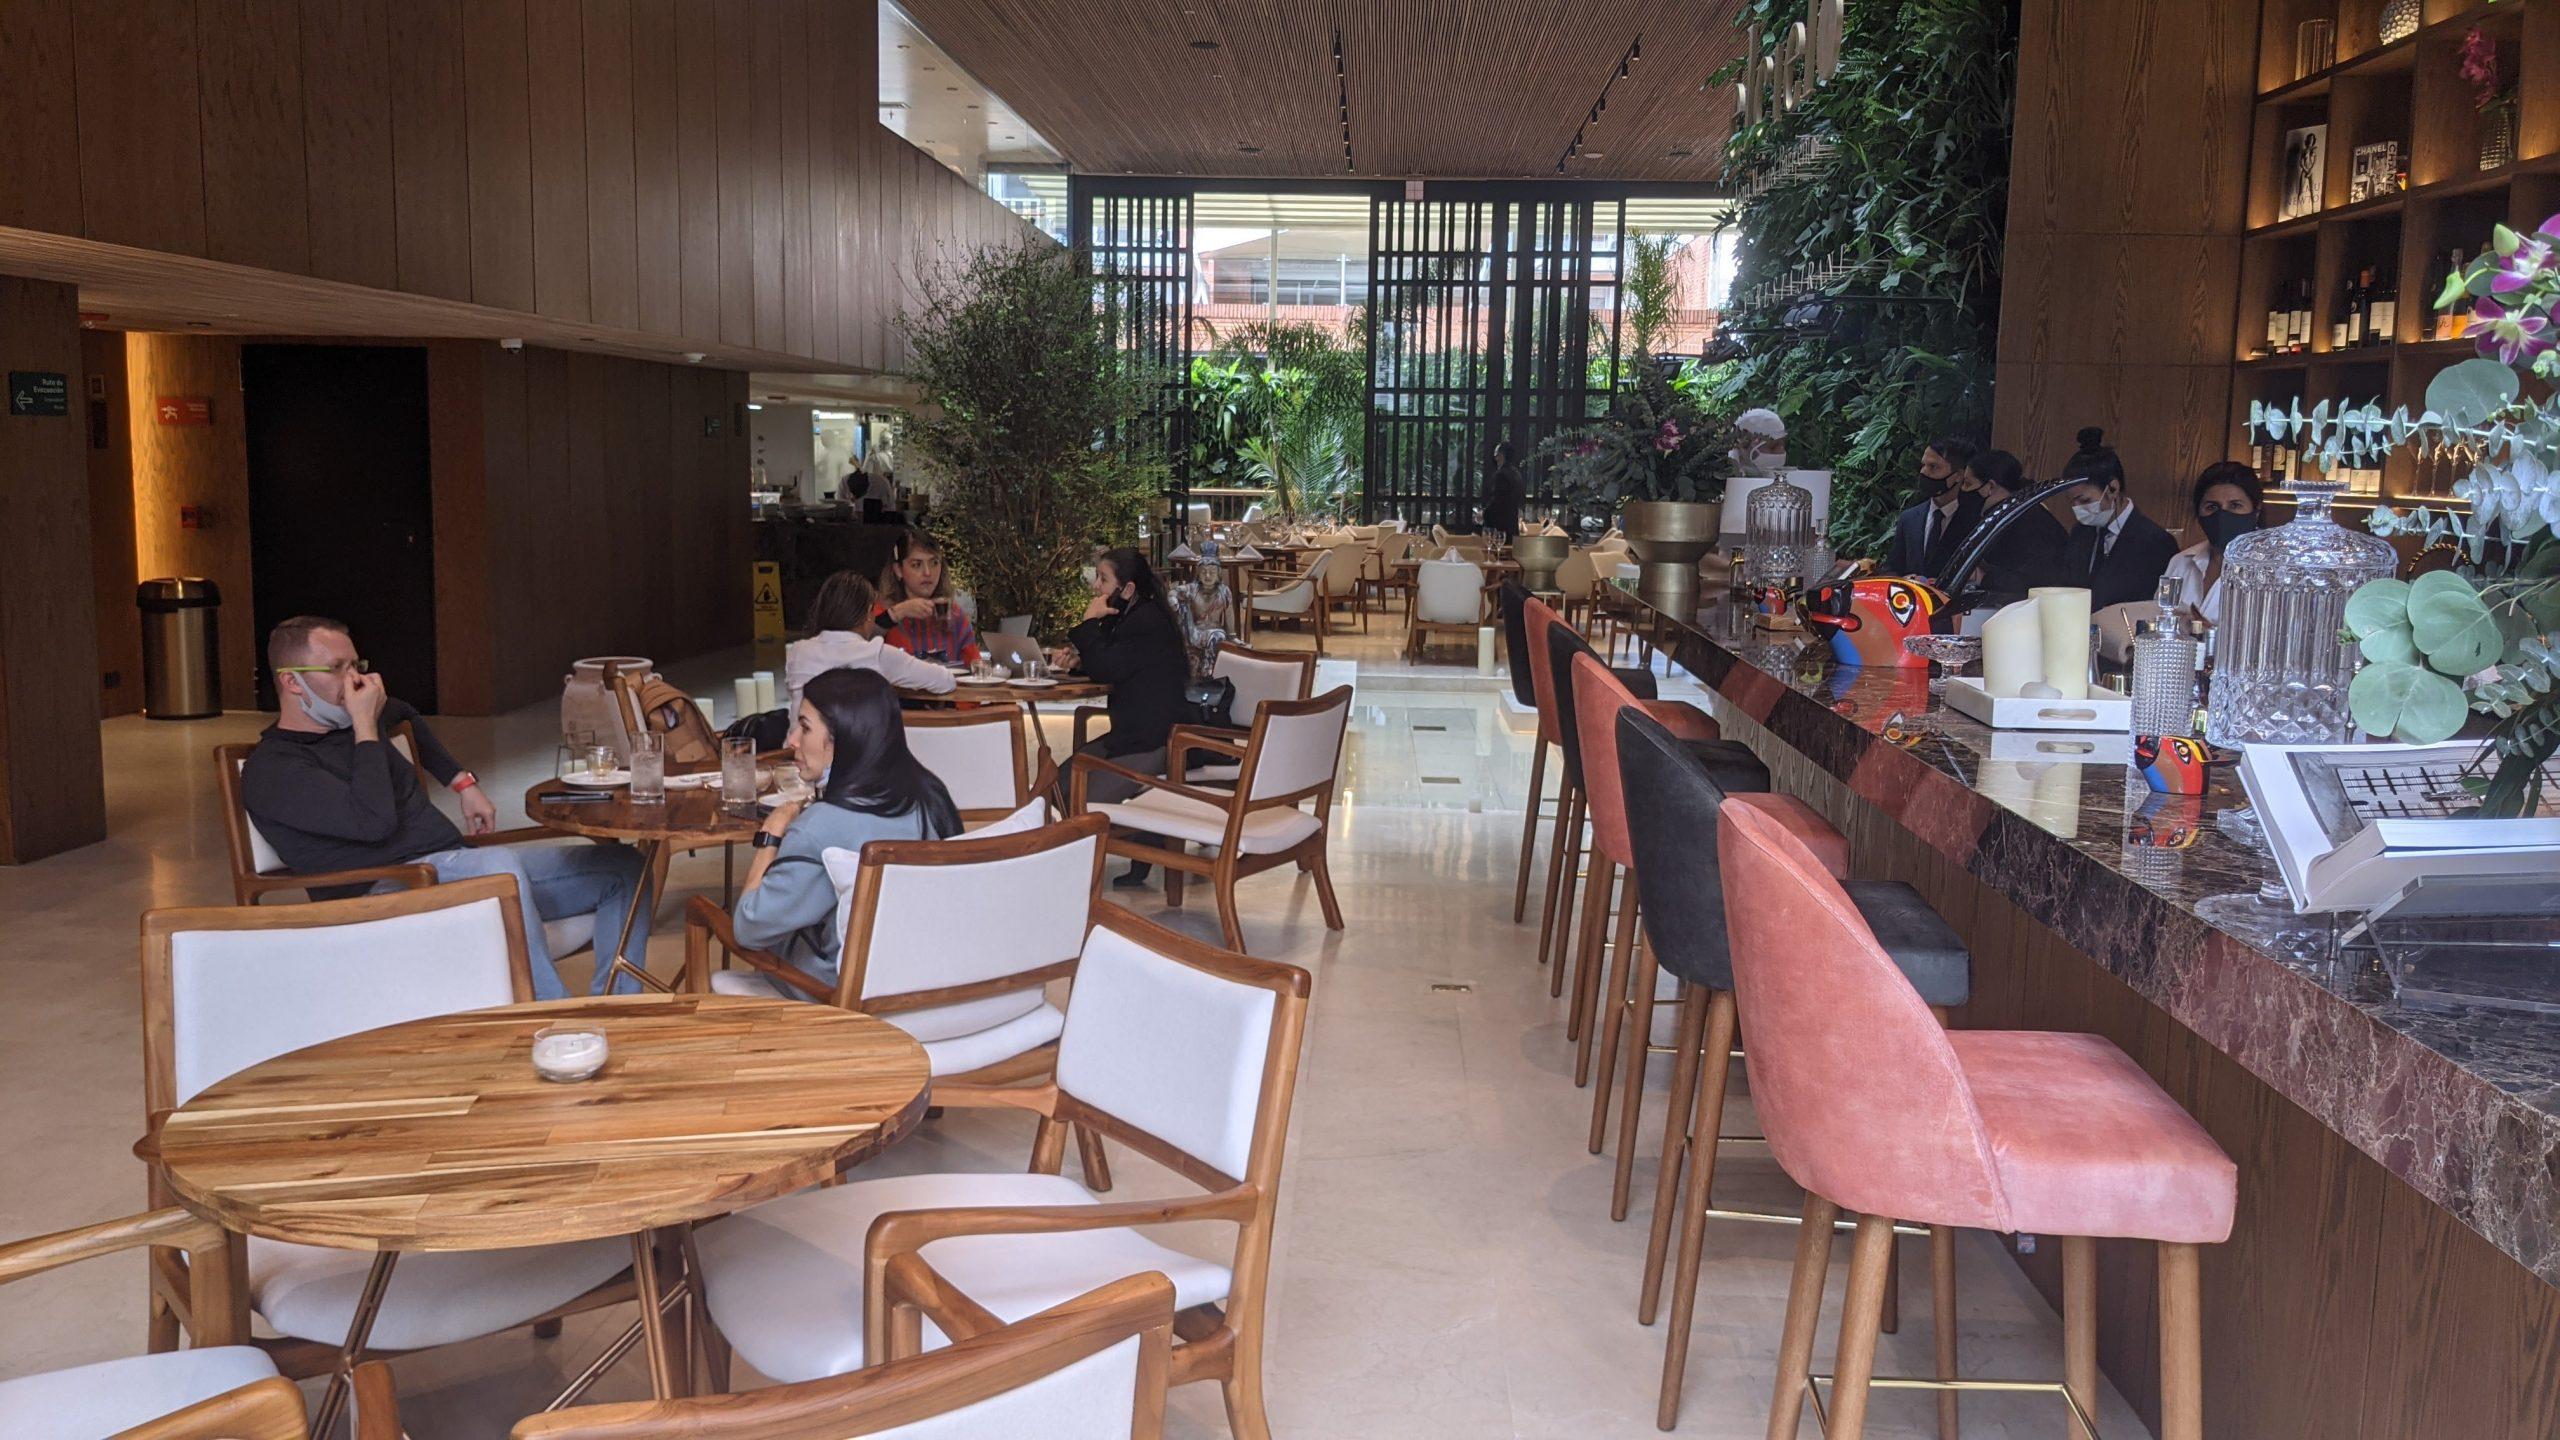 el ciel cafe astorga medellin colombia digital nomad